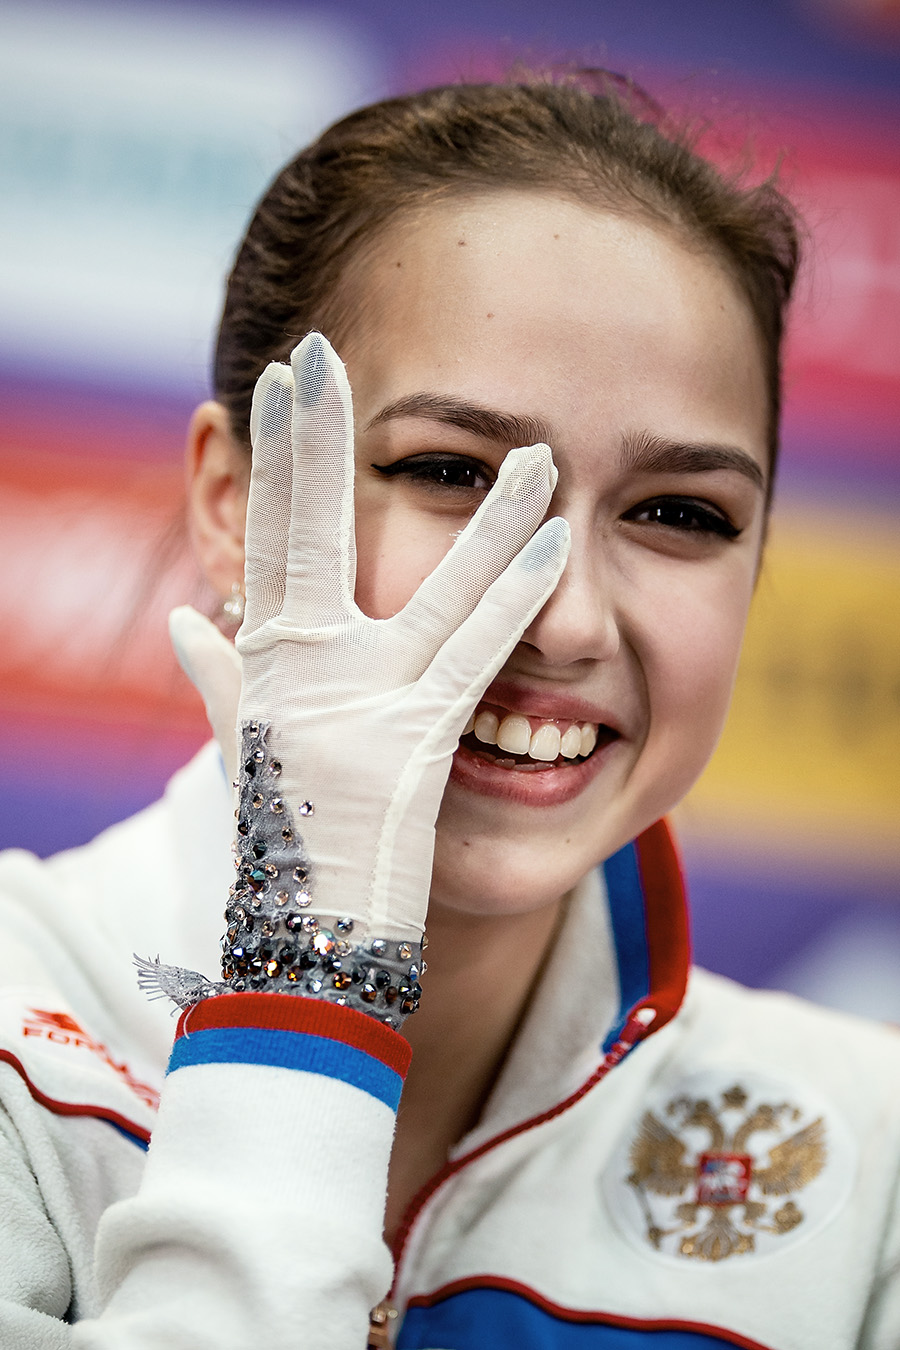 Алина Ильназовна Загитова-3 | Олимпийская чемпионка - Страница 9 1-gettyimages-1062370740.jpg__1593781957__74052